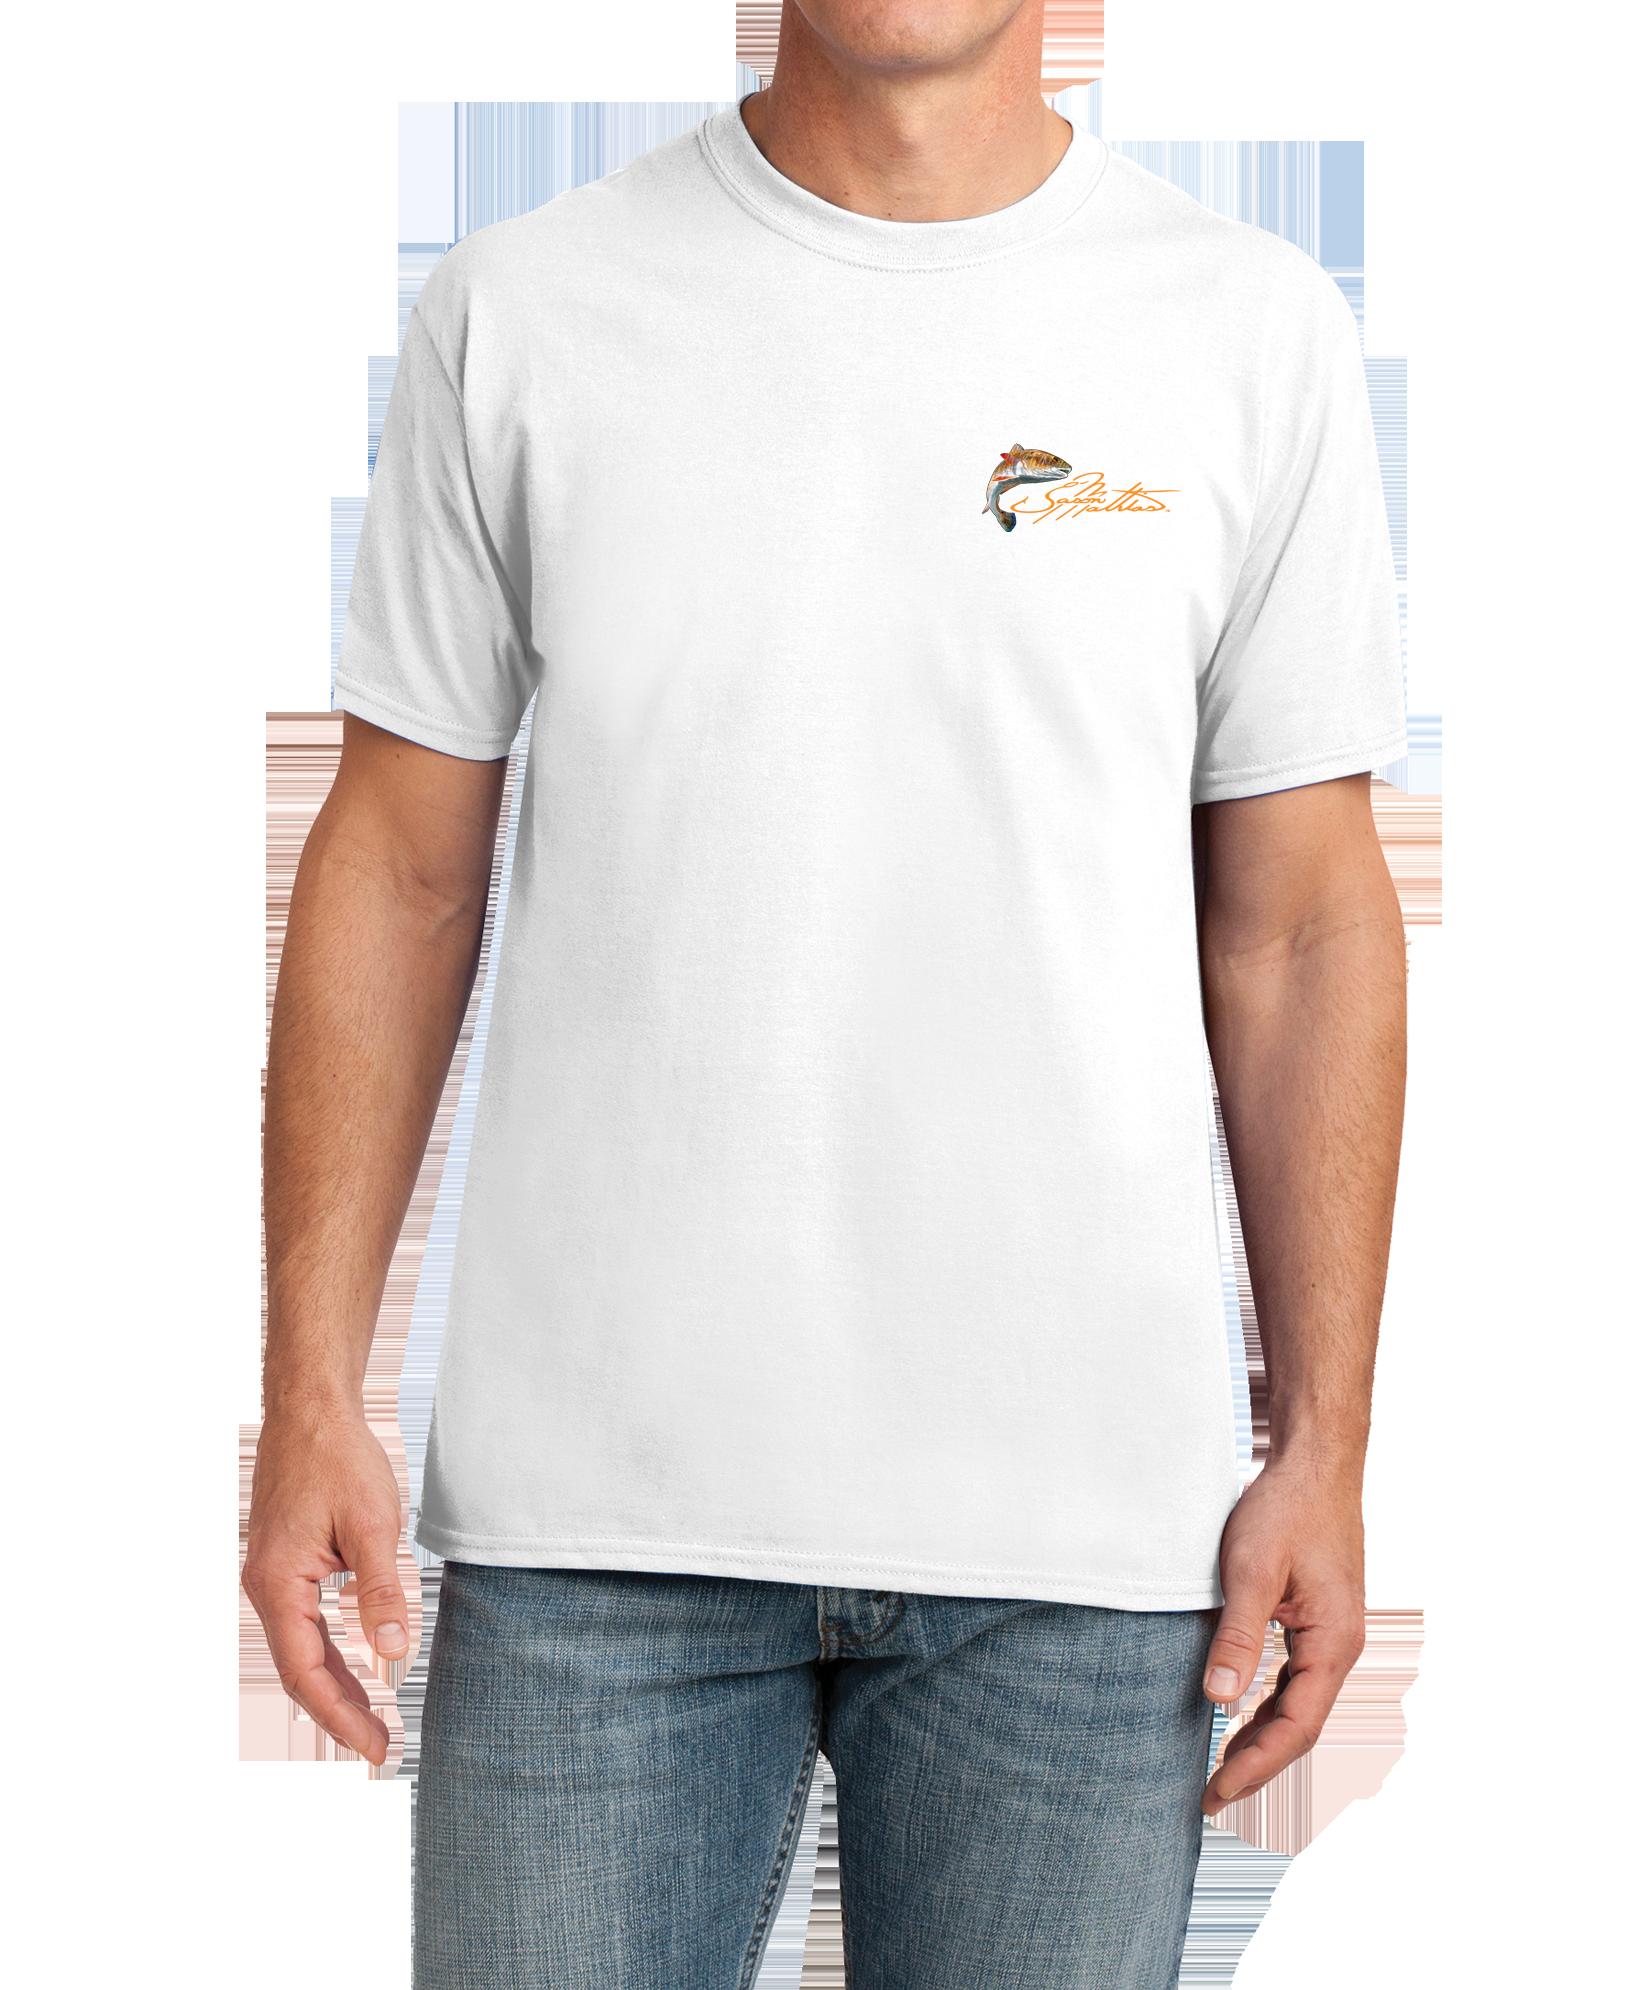 cotton-feel-tech-jason-mathias-art-redfish-shirt-white.png